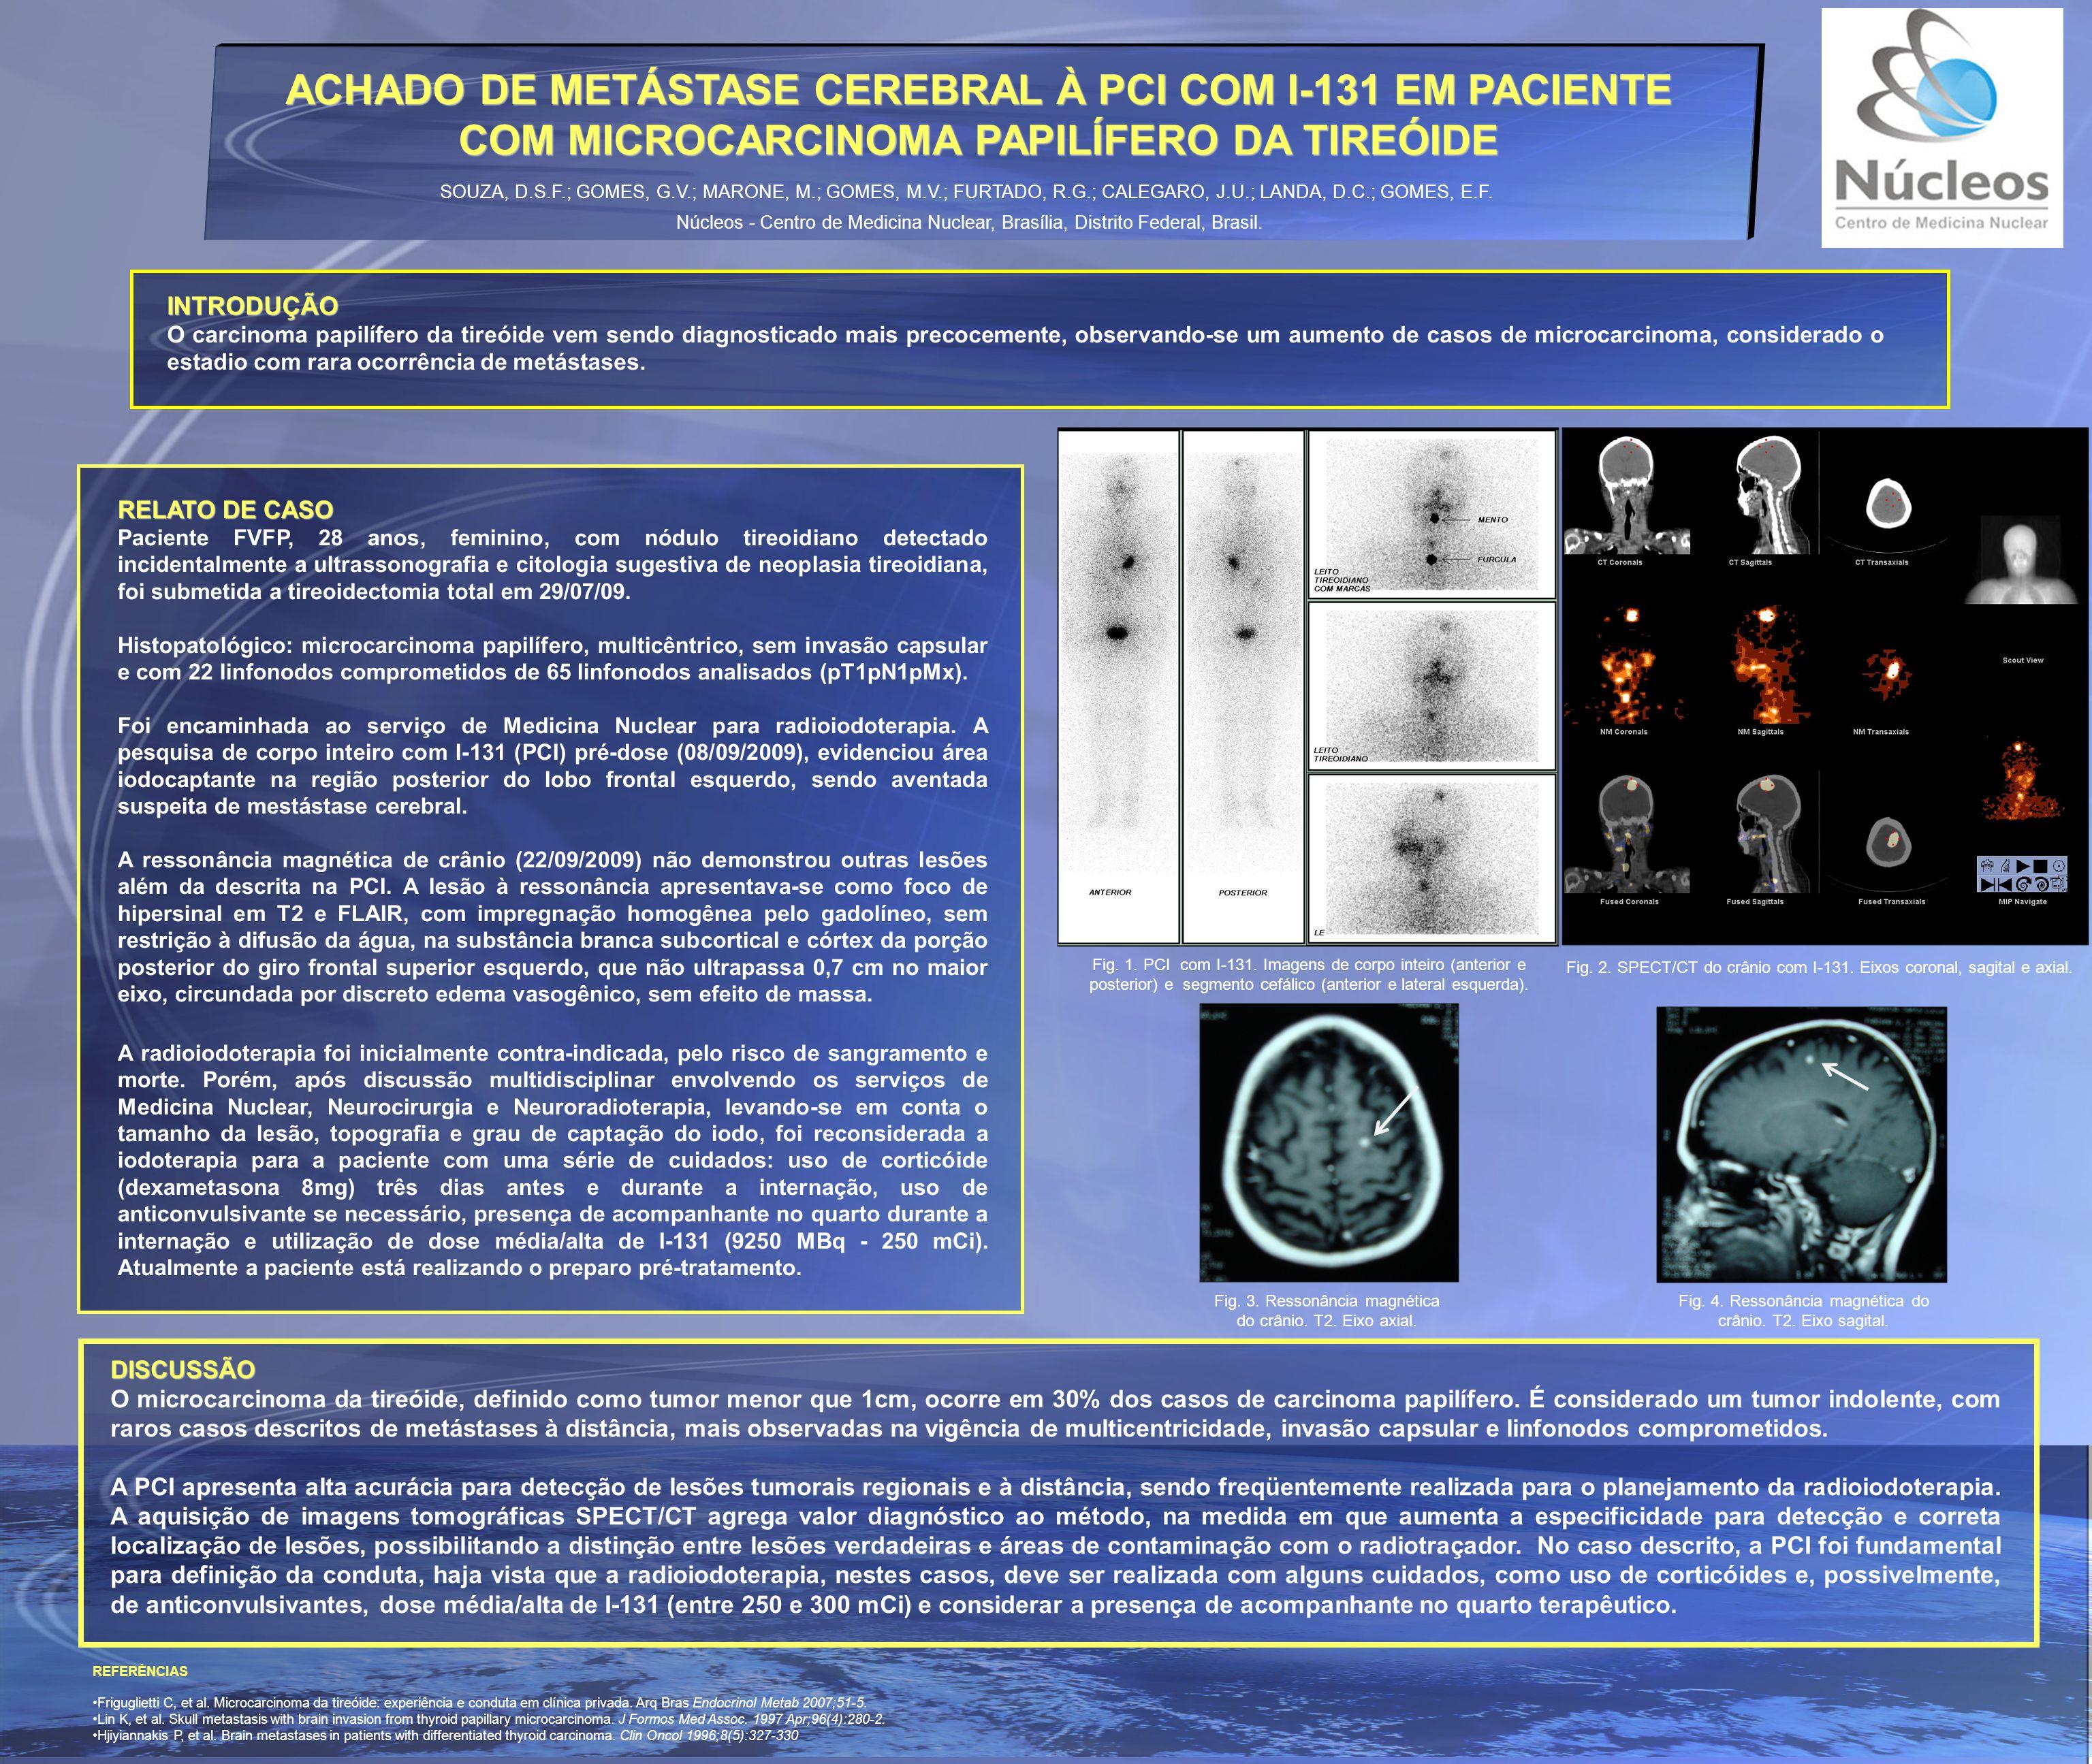 ACHADO DE METÁSTASE CEREBRAL À PCI COM I-131 EM PACIENTE COM MICROCARCINOMA PAPILÍFERO DA TIREÓIDE